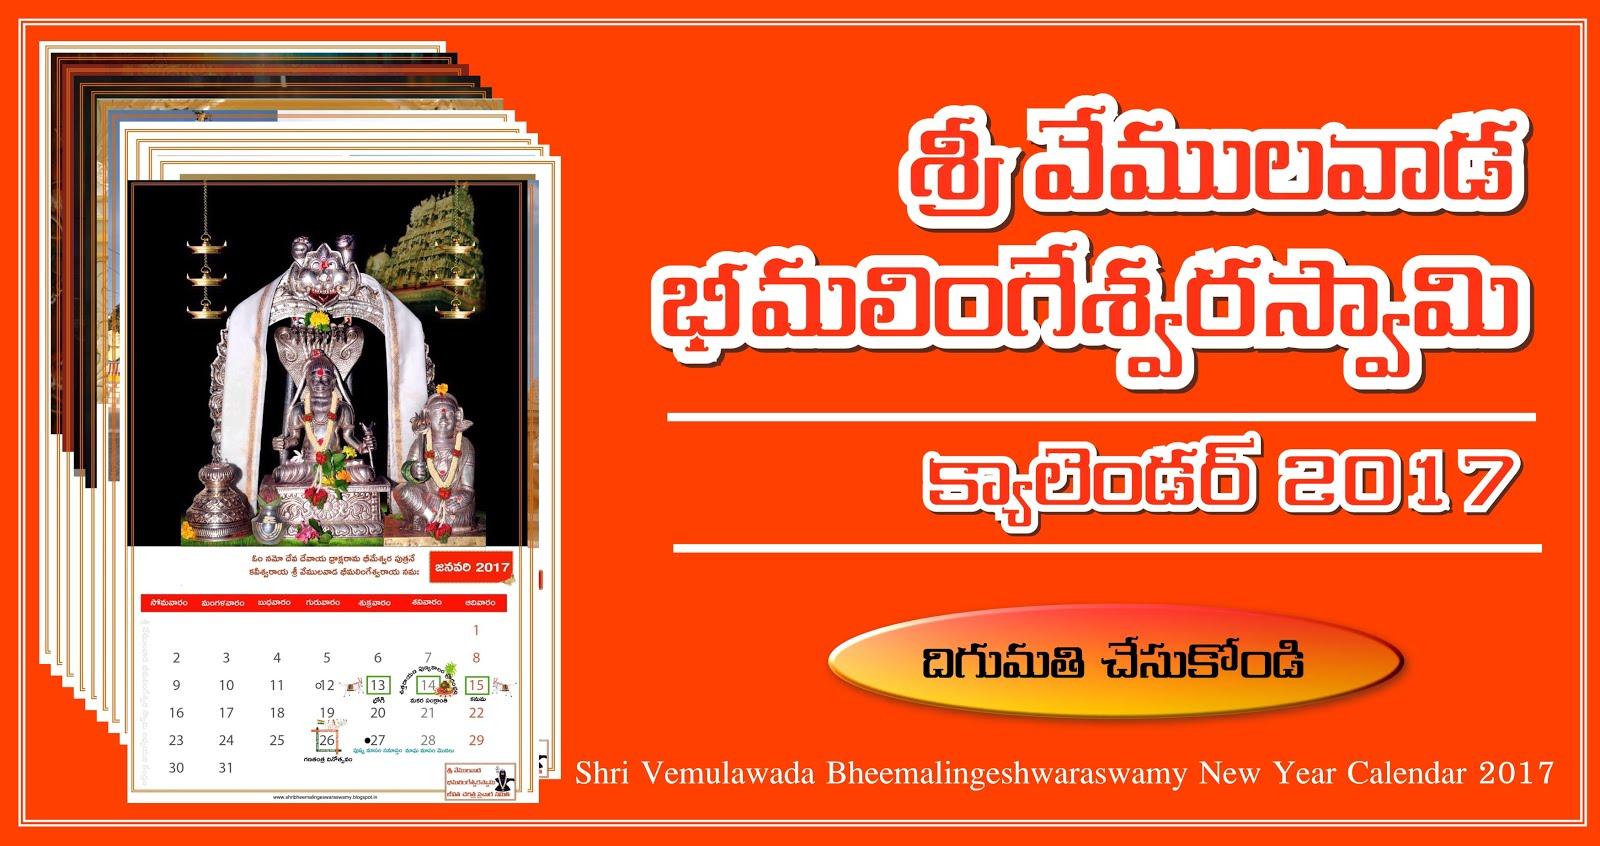 శ్రీ వేములవాడ భీమలింగేశ్వరస్వామి క్యాలెండర్ 2017